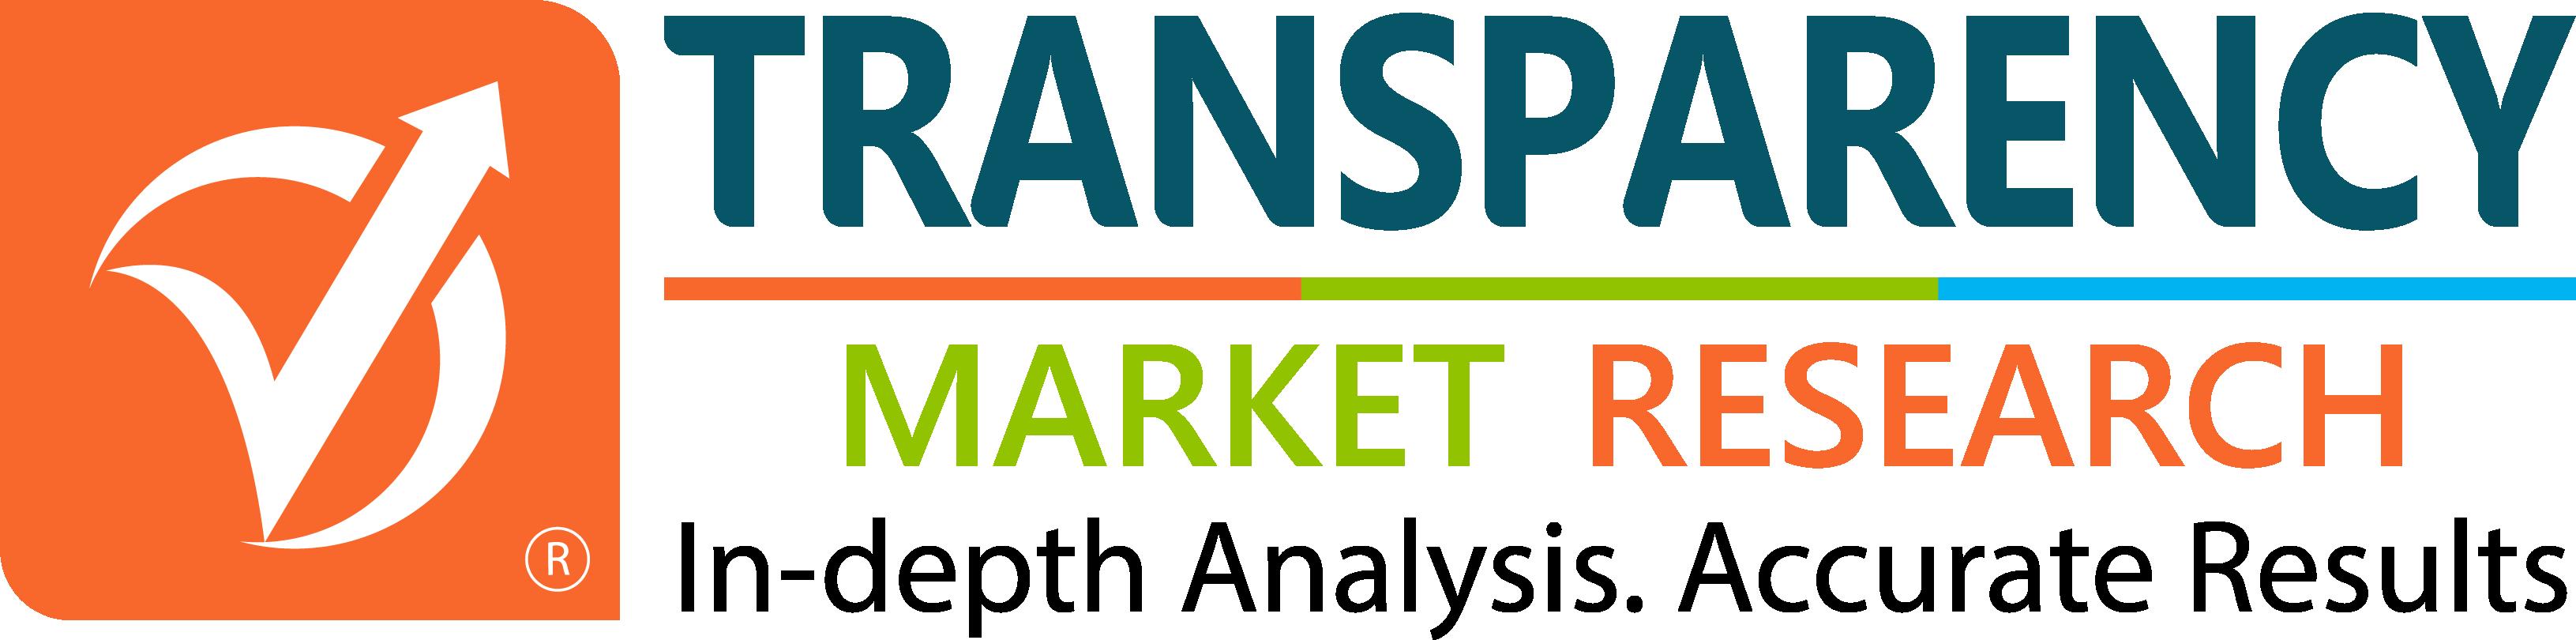 Mercado de fornecedores independentes de software (ISVs): estudo abrangente COVID19 Análise de impacto e previsão de previsão de 2019-2027